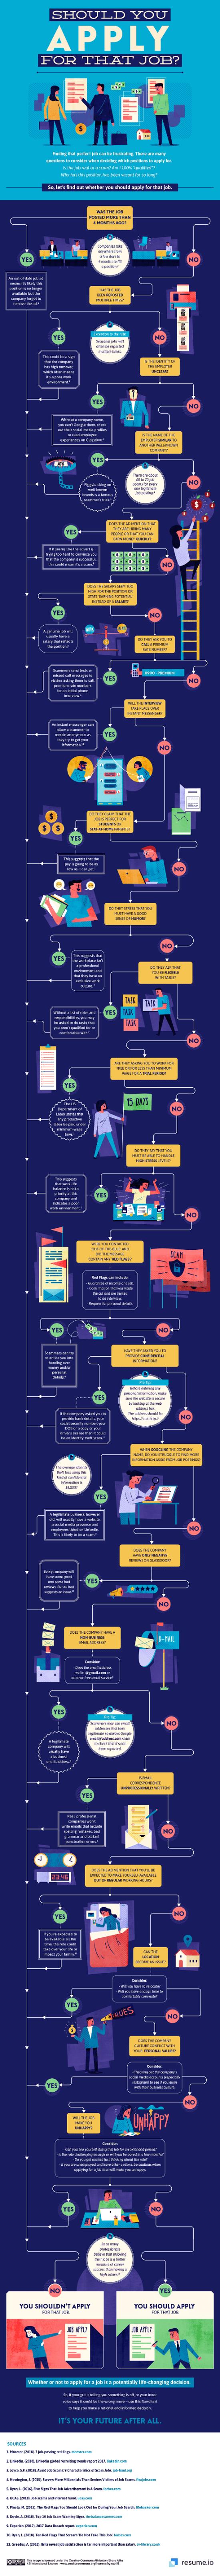 Job spec infographic